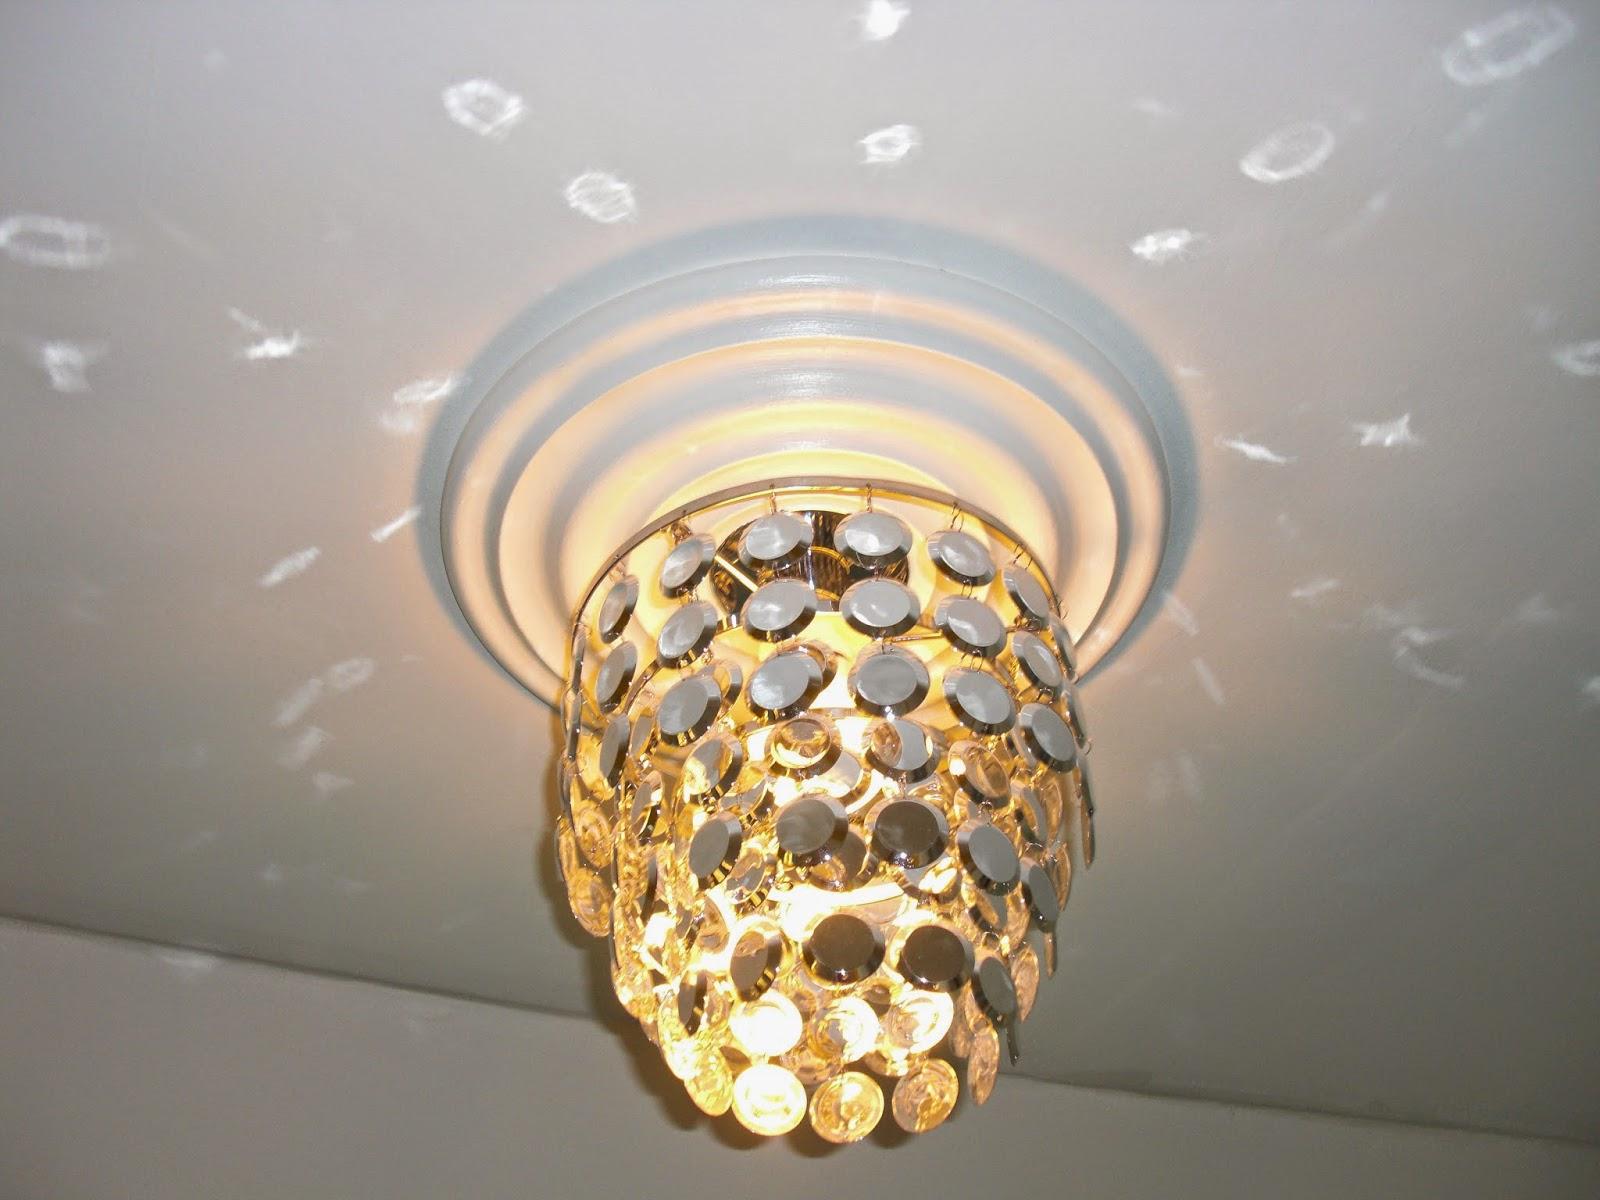 Stuck Rosette Für Lampen stuckleisten für lampen: design lampen mit stuck und led spots